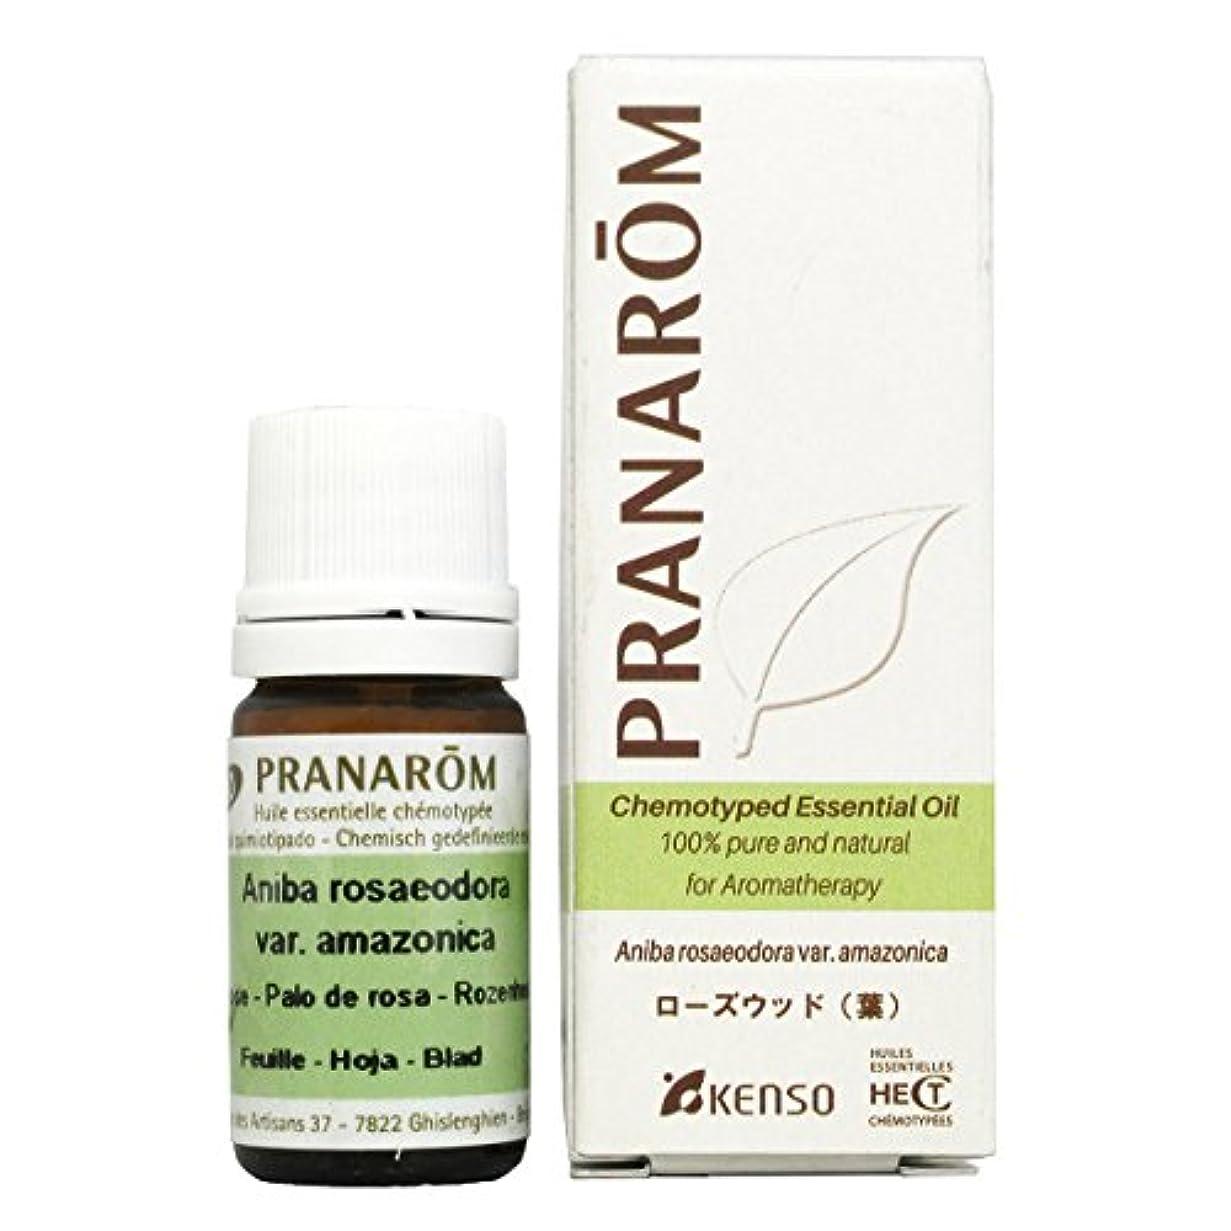 持っている教授ぼんやりした【ローズウッド (葉)5ml】→バラを連想させる甘い香りでバラの香りの代用としても♪(リラックスハーブ系)[PRANAROM(プラナロム)精油/アロマオイル/エッセンシャルオイル]P-10